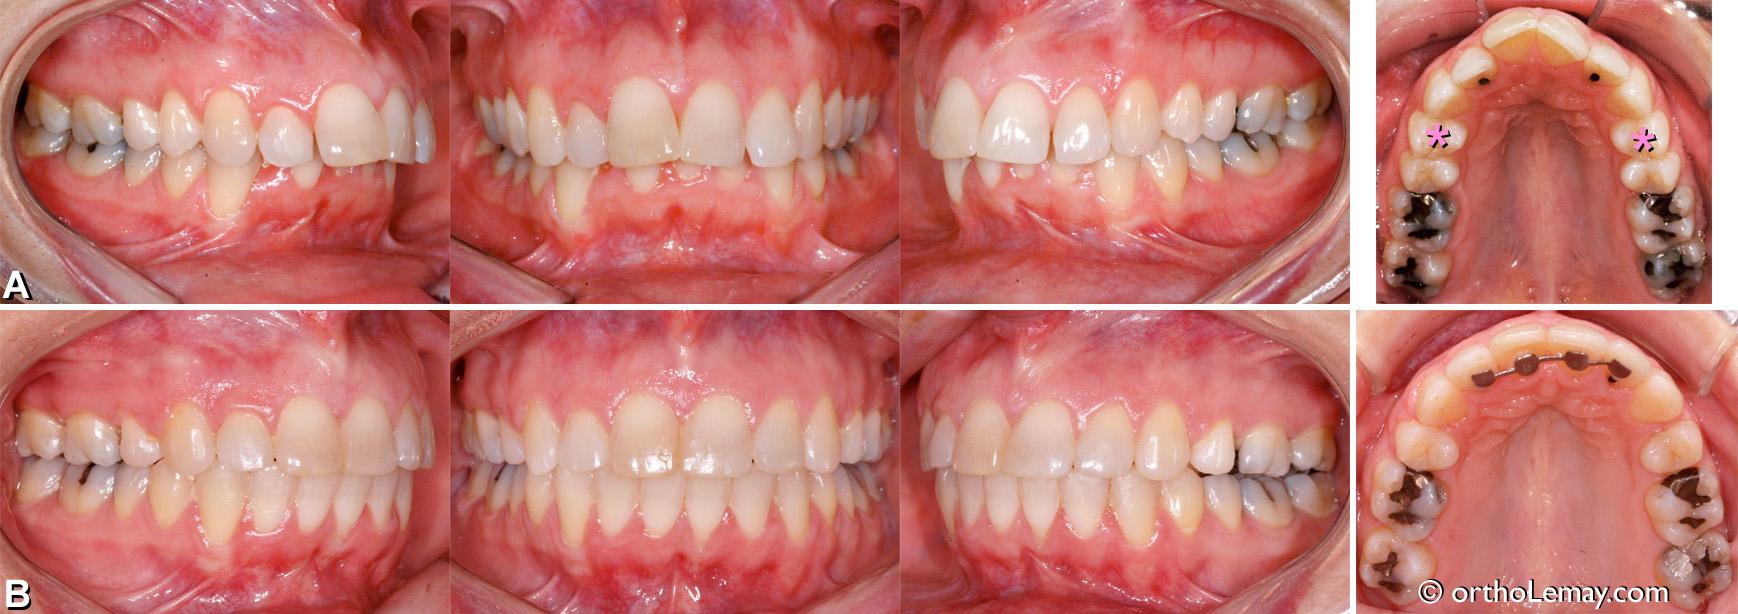 Sévère malocclusion dentaire classe 2 division 1 traitée avec des extractions chez une adulte.